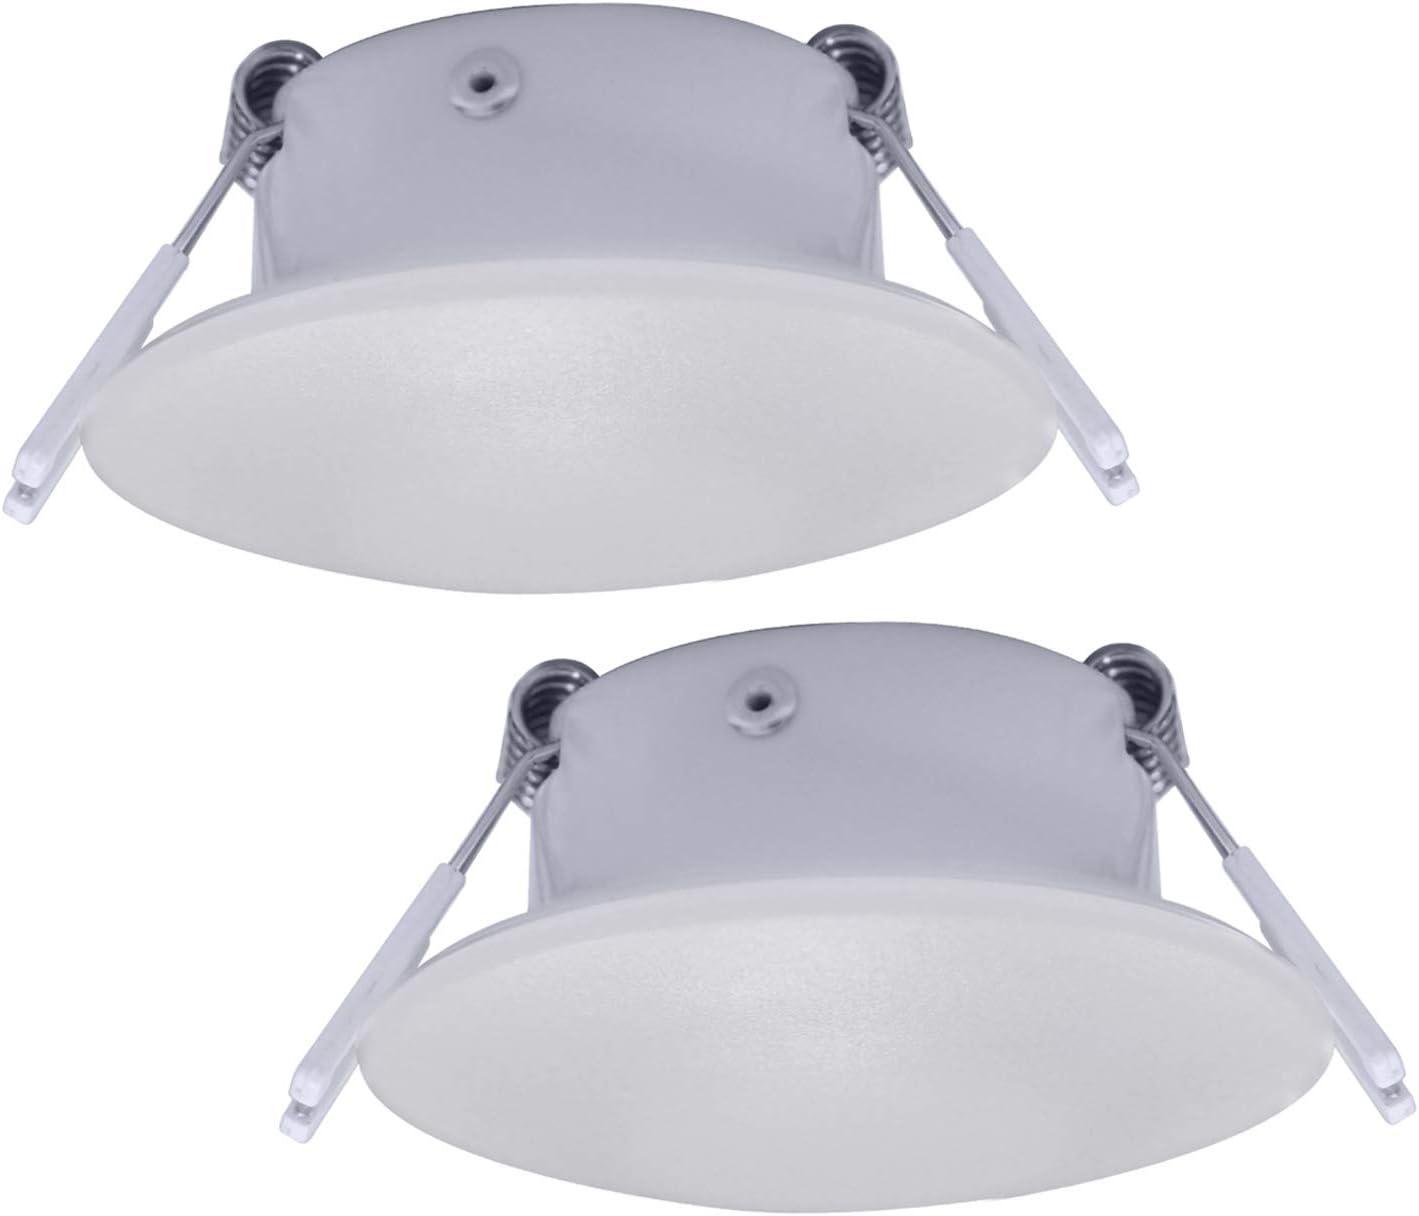 Facon - Luz LED de techo empotrable de aluminio de 3 pulgadas para caravanas, autocaravanas, caravanas, caravanas, remolques, barcos (2 unidades)